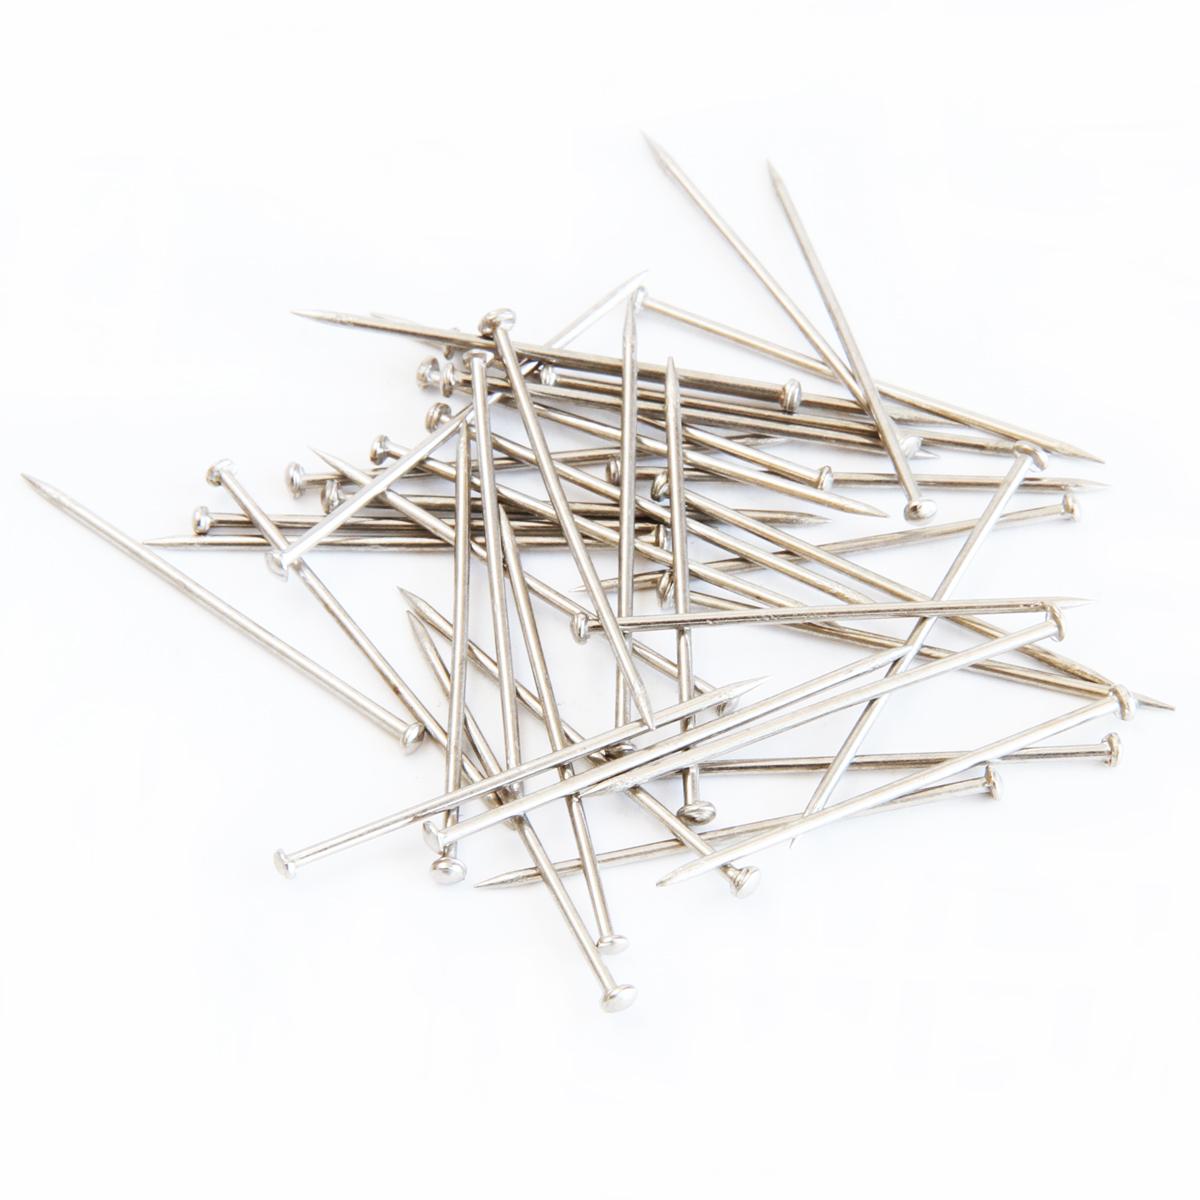 得力0039镀镍金属3#大头钉直别针大头针定位针办公用品文具用品